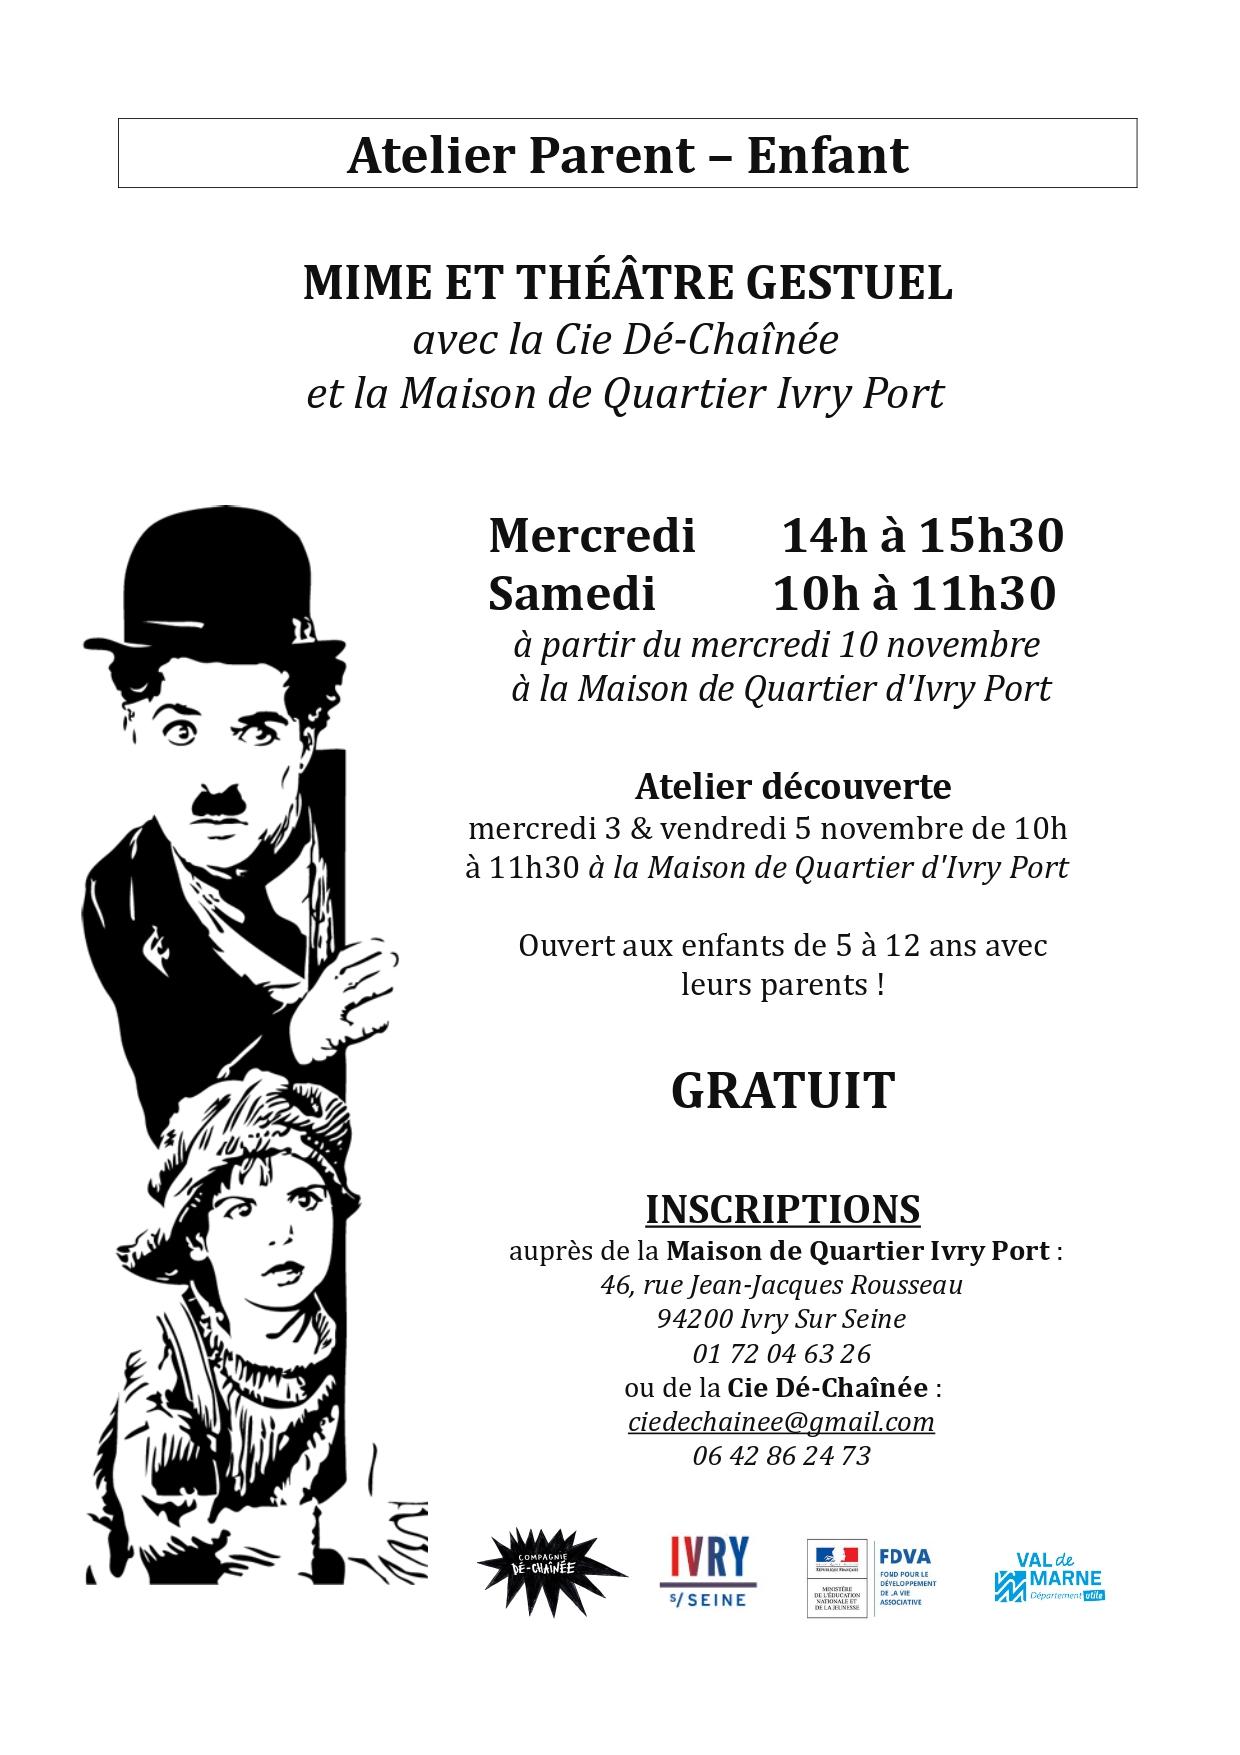 Atelier THéâtre Gestuel - Mime - AFFICHE_page-0001